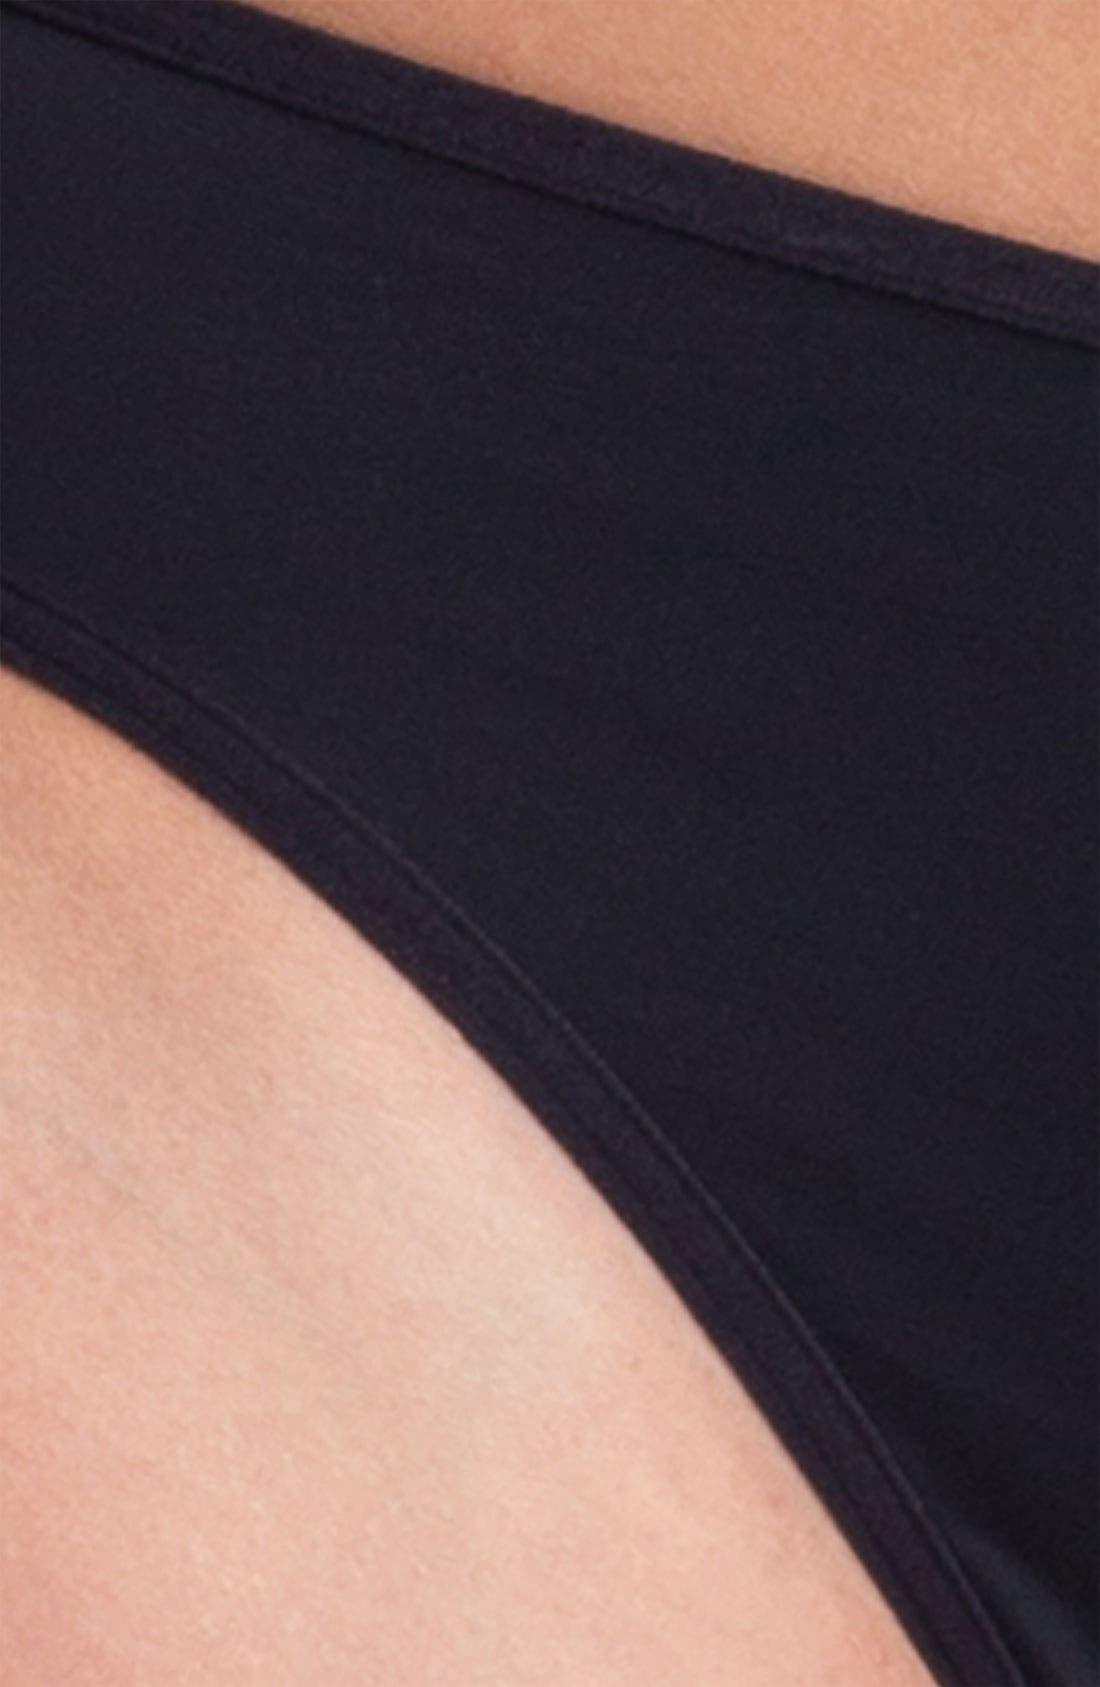 Alternate Image 3  - Marlies Dekkers 'Desire' Thong